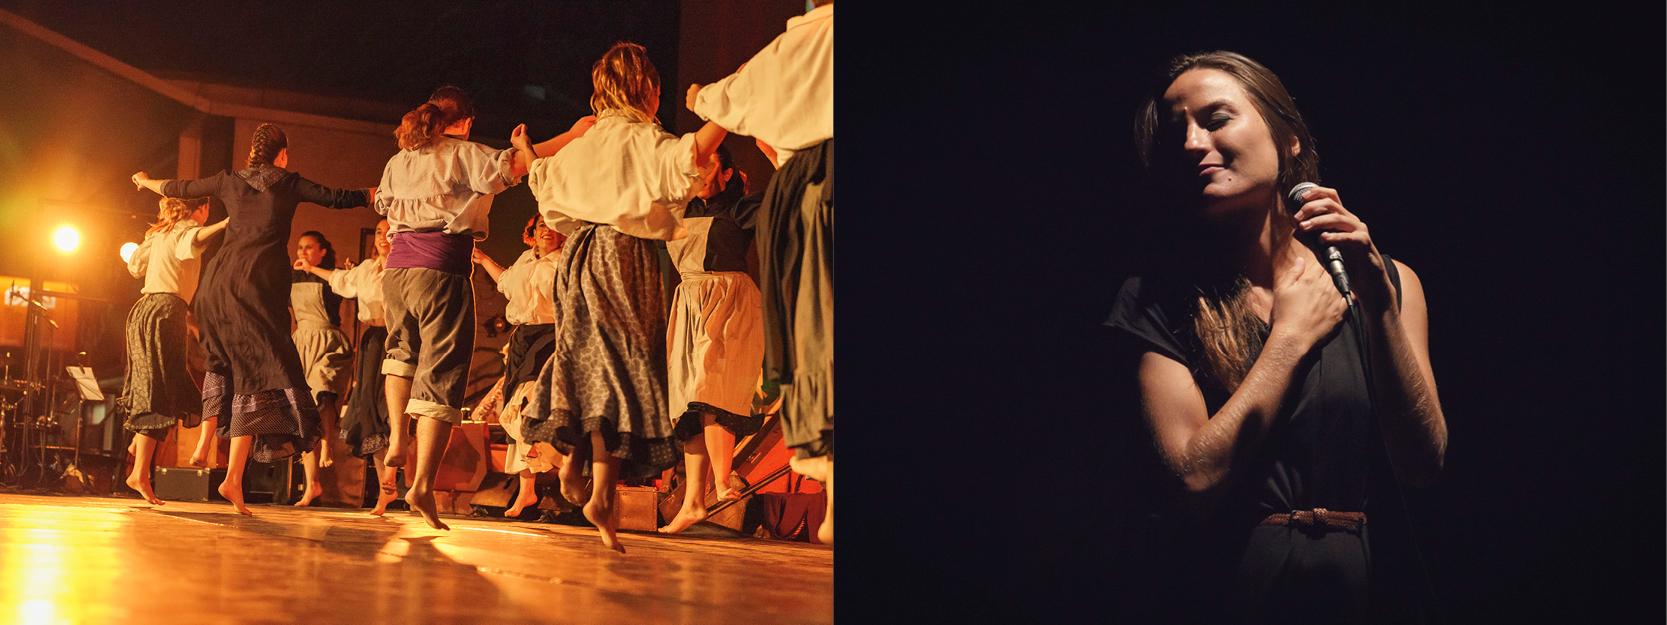 Esdeveniments - Resportatges fotogràfics d'esdeveniments; espectacles, concerts, conferències, teatre i cultura tradicional.